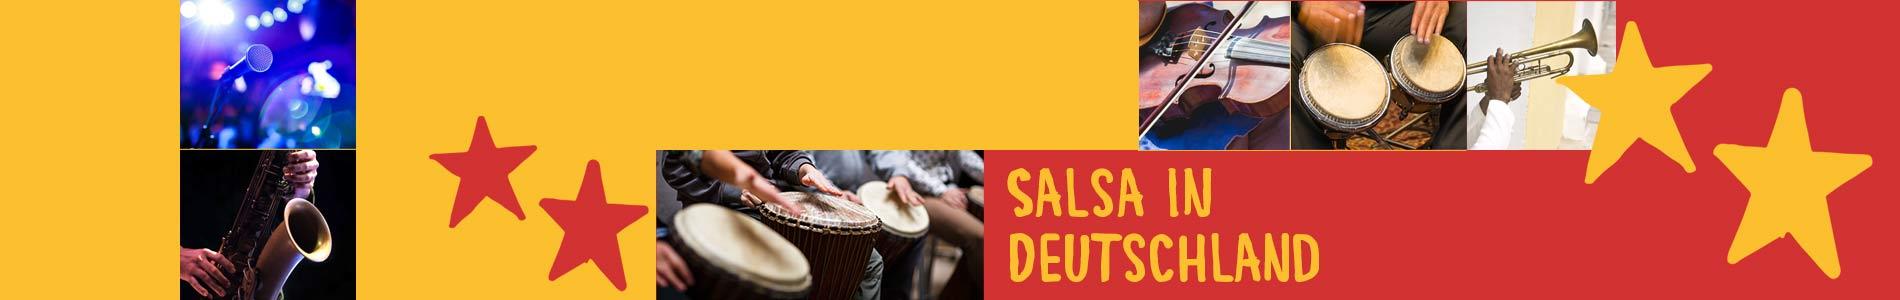 Salsa in Bosau – Salsa lernen und tanzen, Tanzkurse, Partys, Veranstaltungen